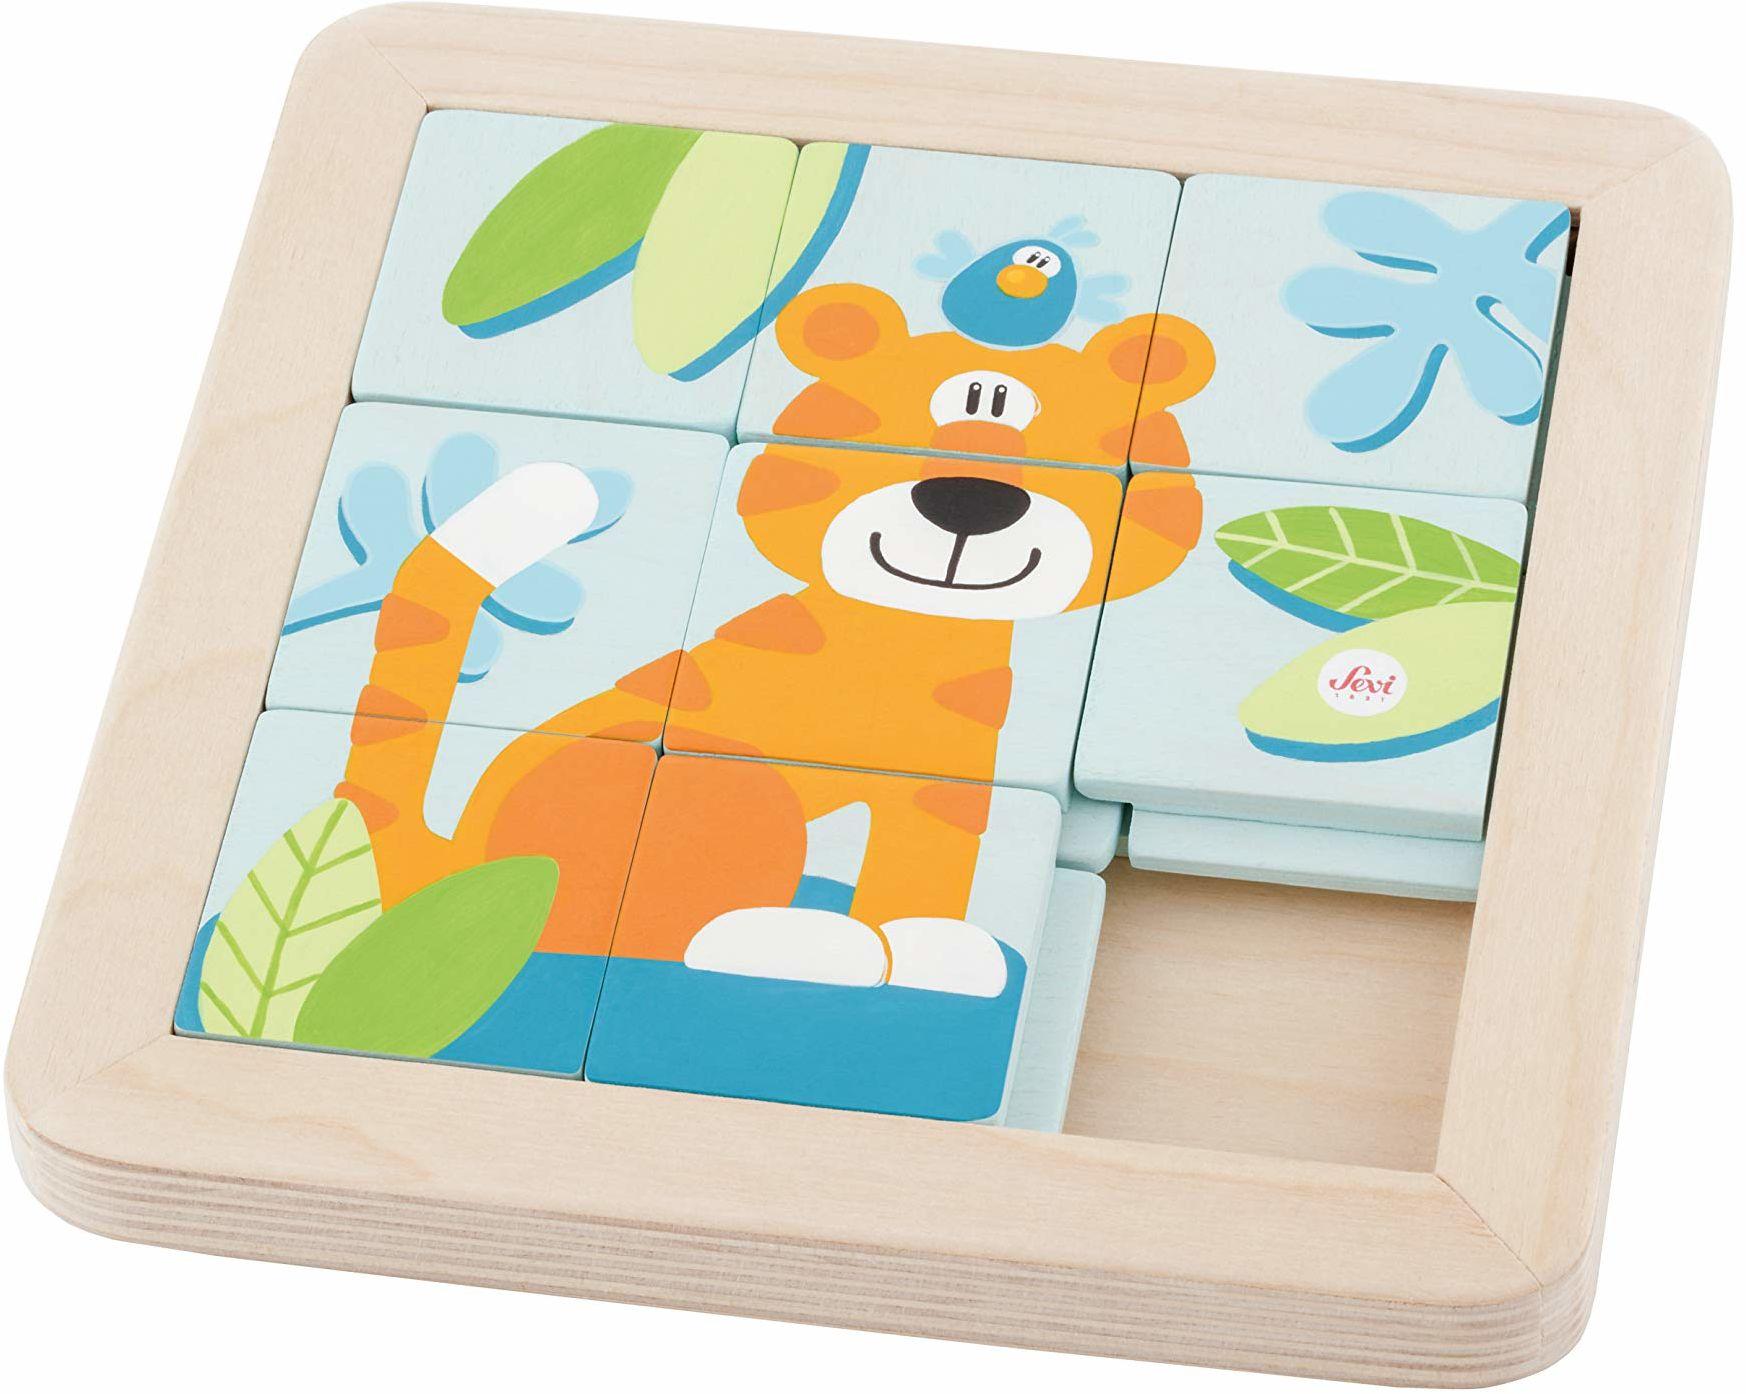 Trudi 83081 Sevi 83081 puzzle przesuwne cm 18x18x2, wielokolorowy